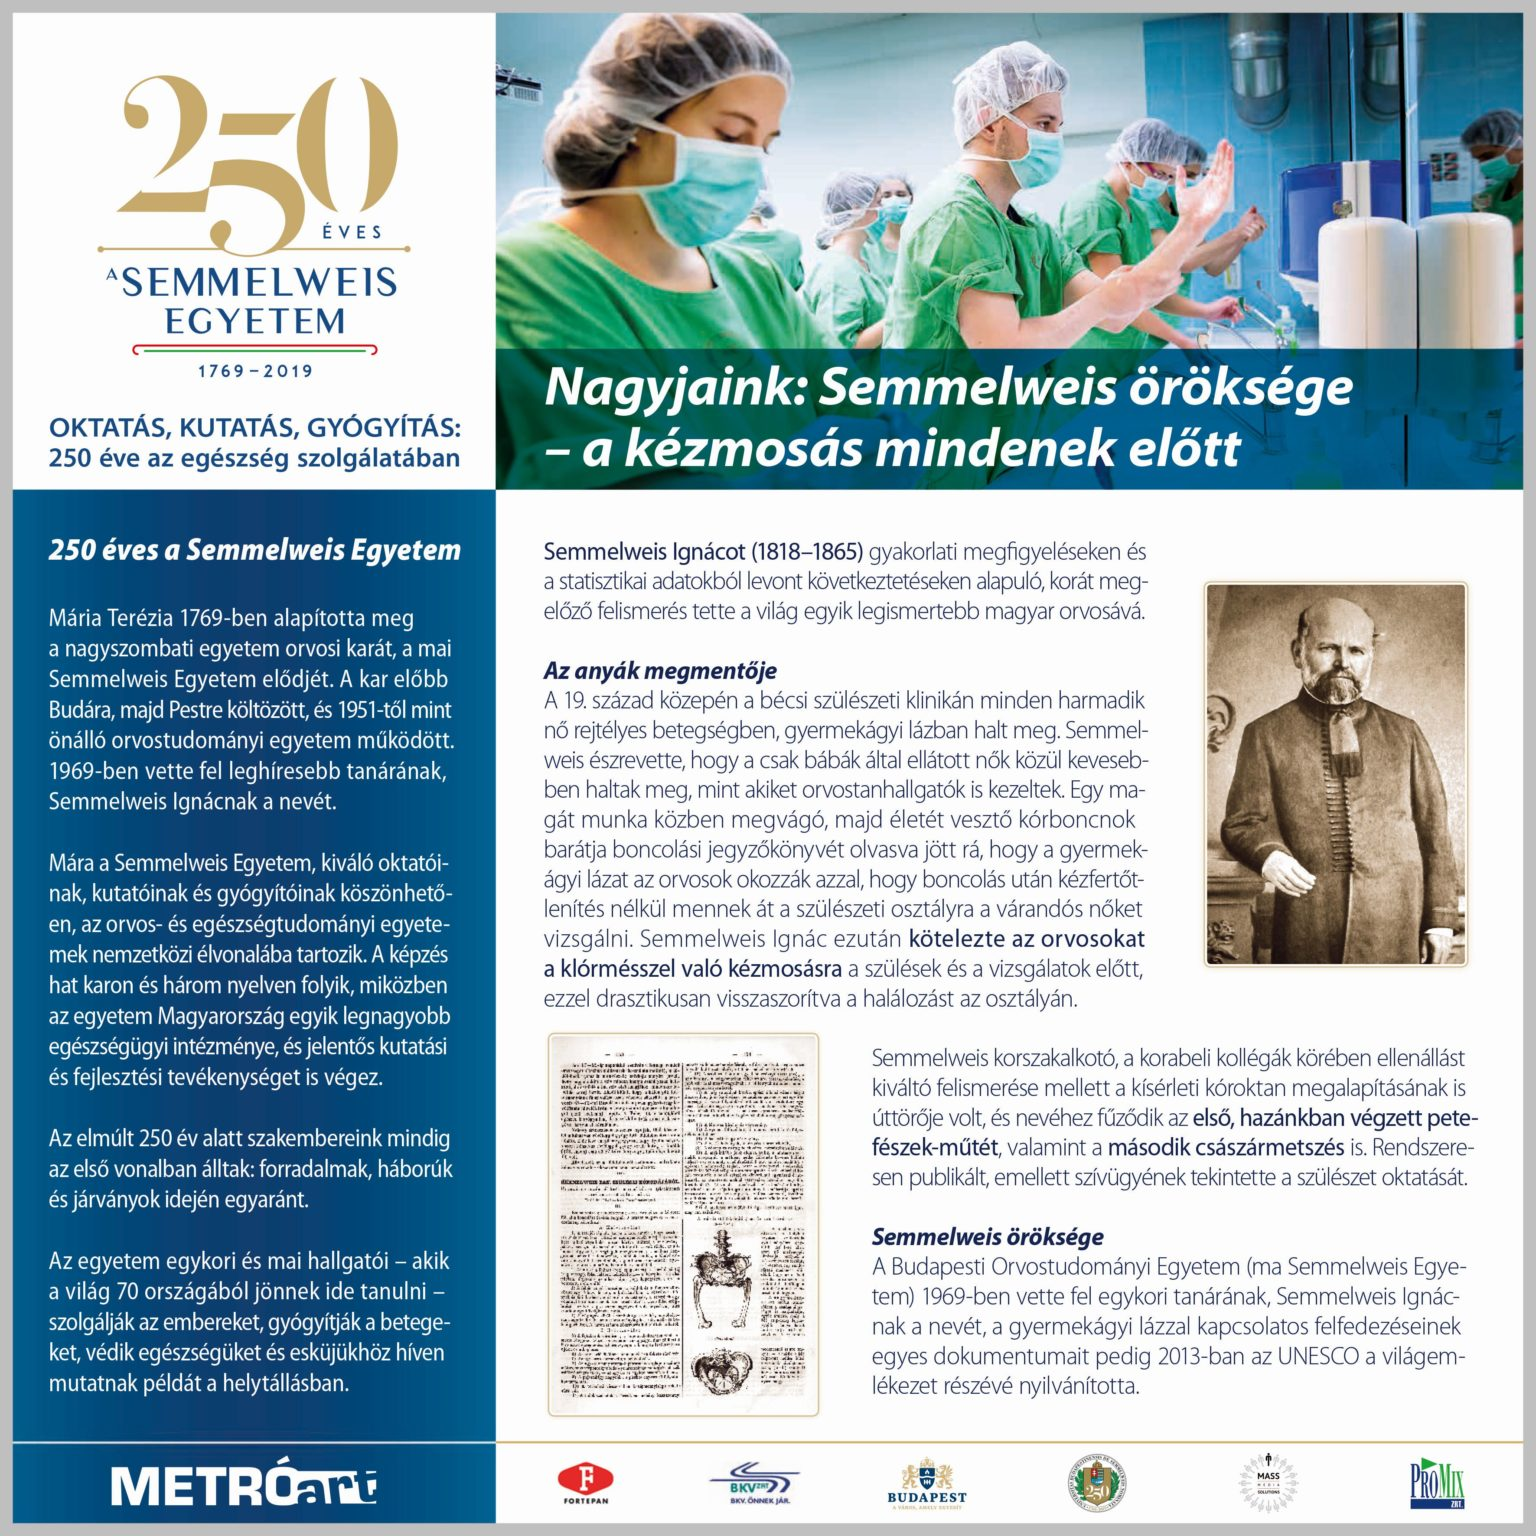 A Semmelweis Egyetem 250 éves történetét bemutató kiállítás nyílik a fővárosban